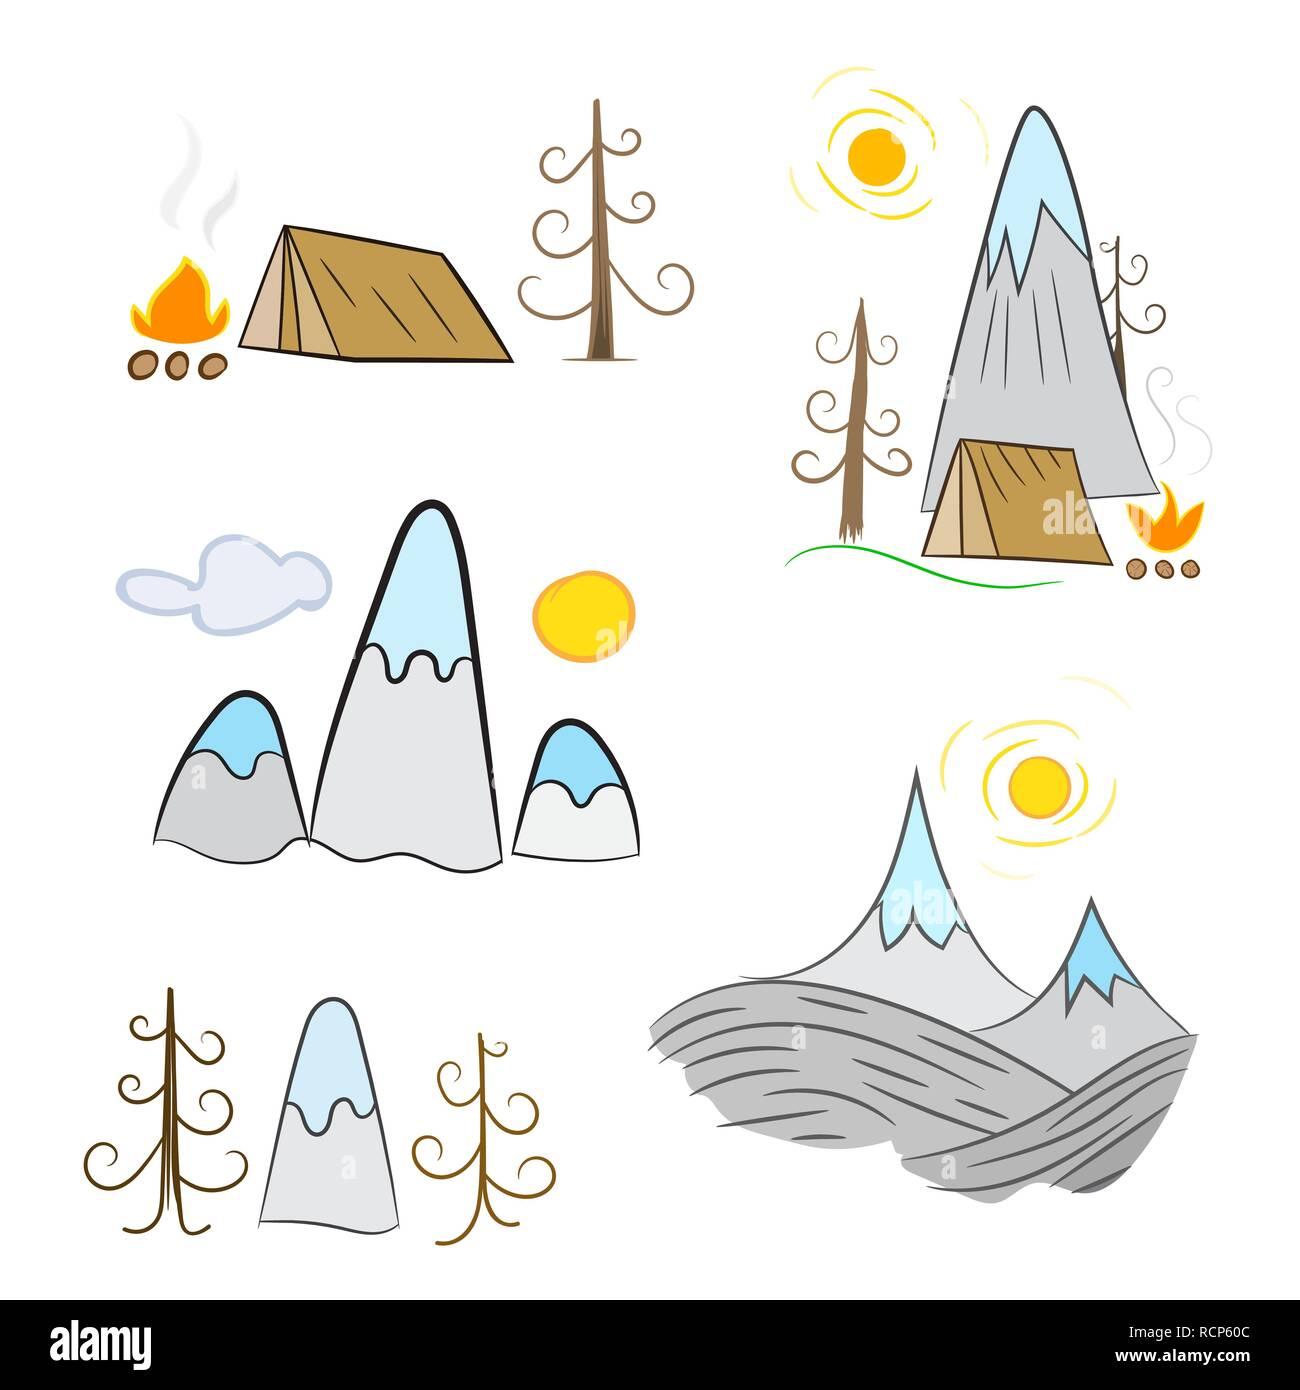 Vektor-Illustration Camping Zelt Puzzle